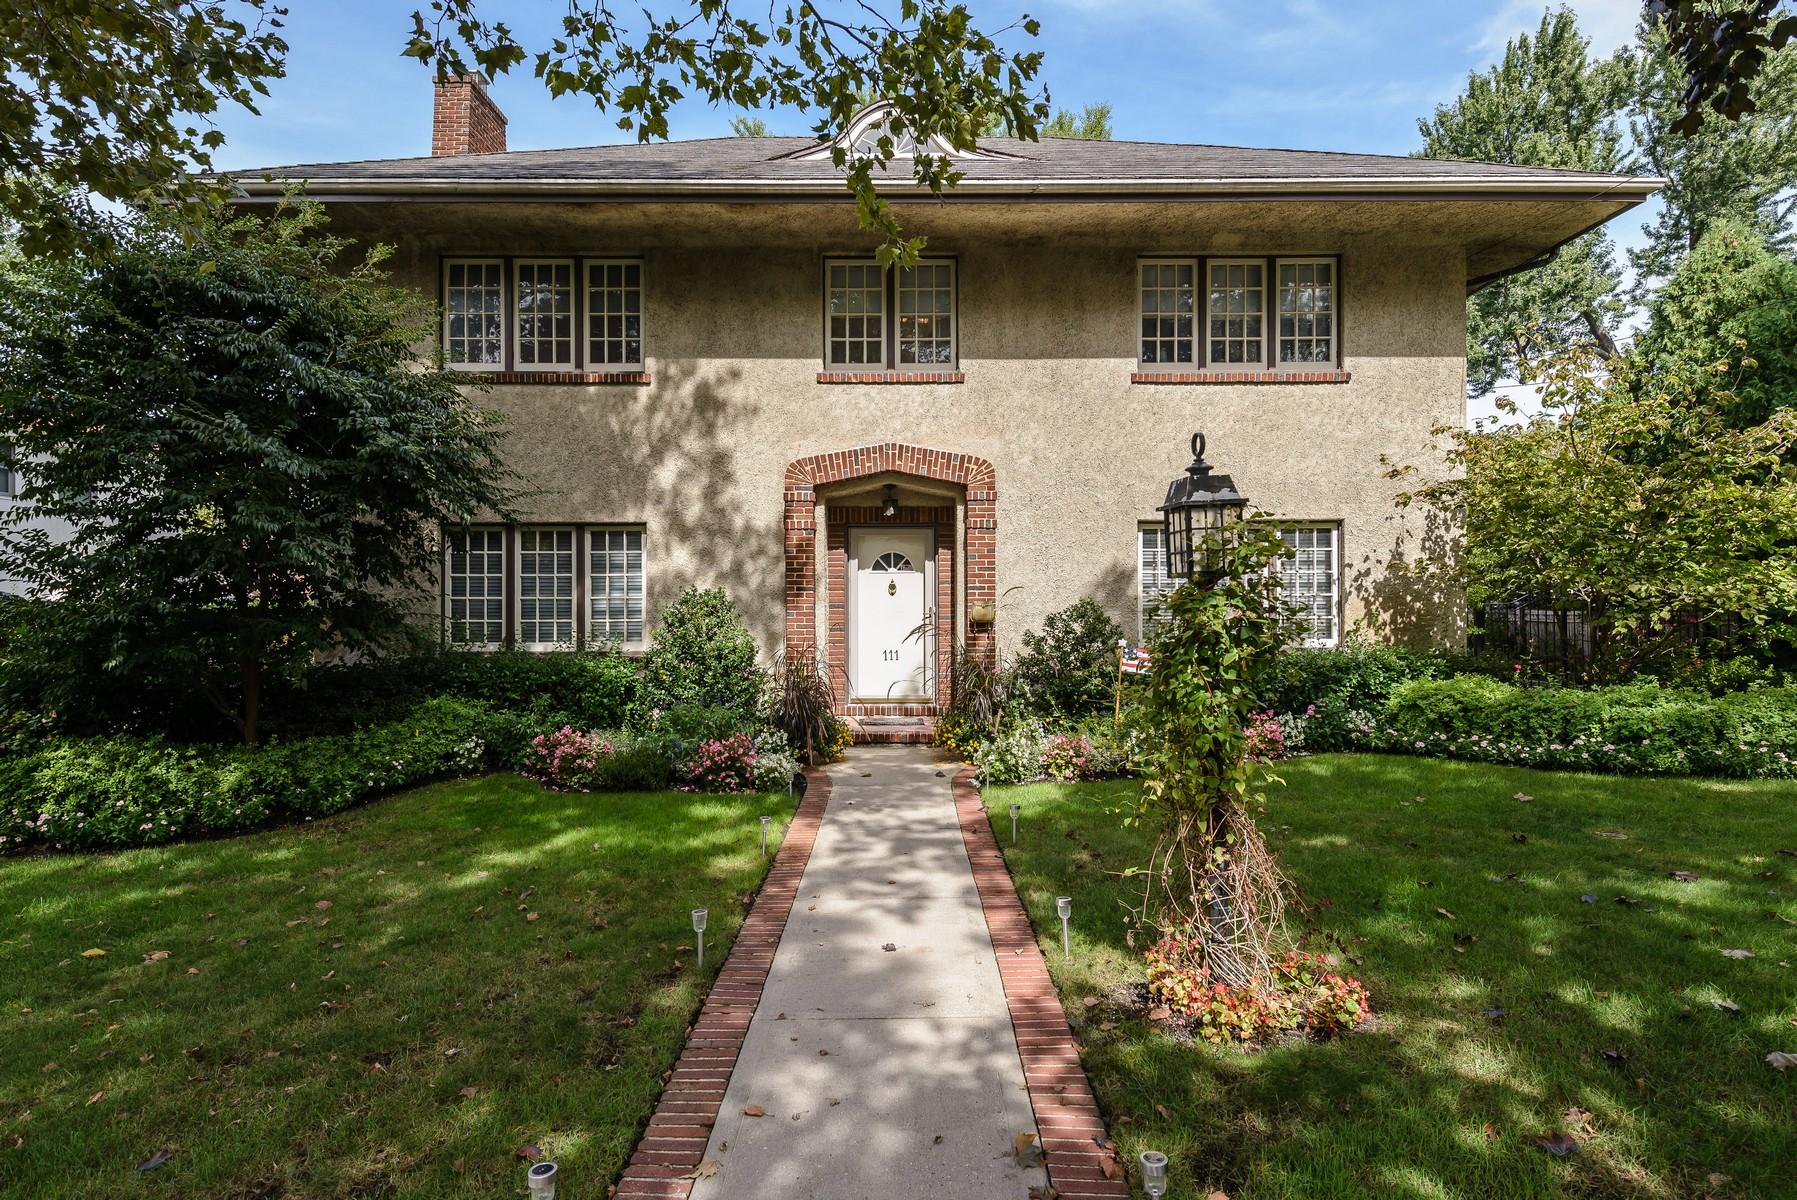 Частный односемейный дом для того Продажа на Colonial 111 Hollywood Ave Douglaston, Нью-Йорк, 11363 Соединенные Штаты